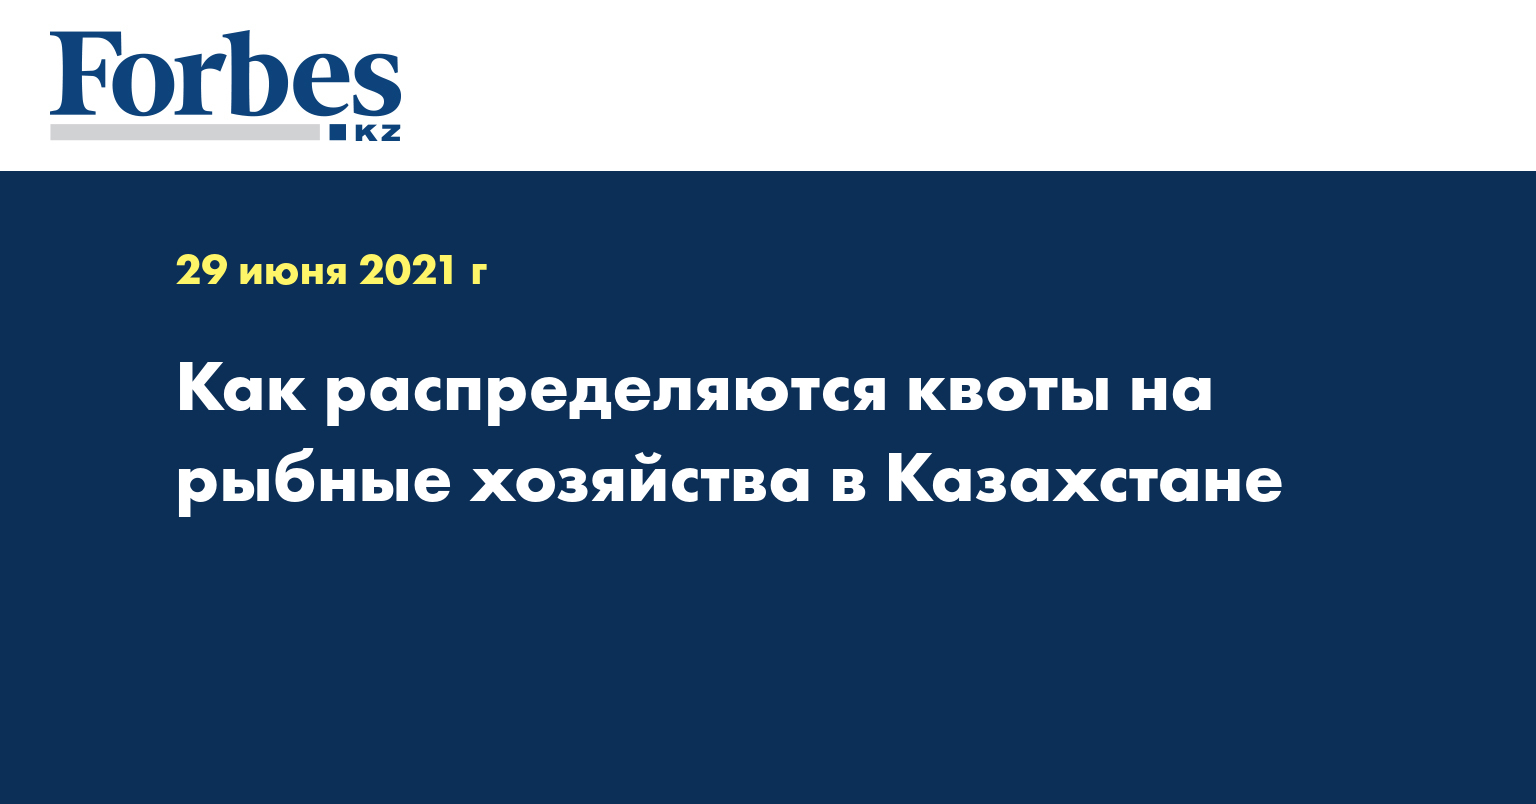 Как распределяются квоты на рыбные хозяйства в Казахстане